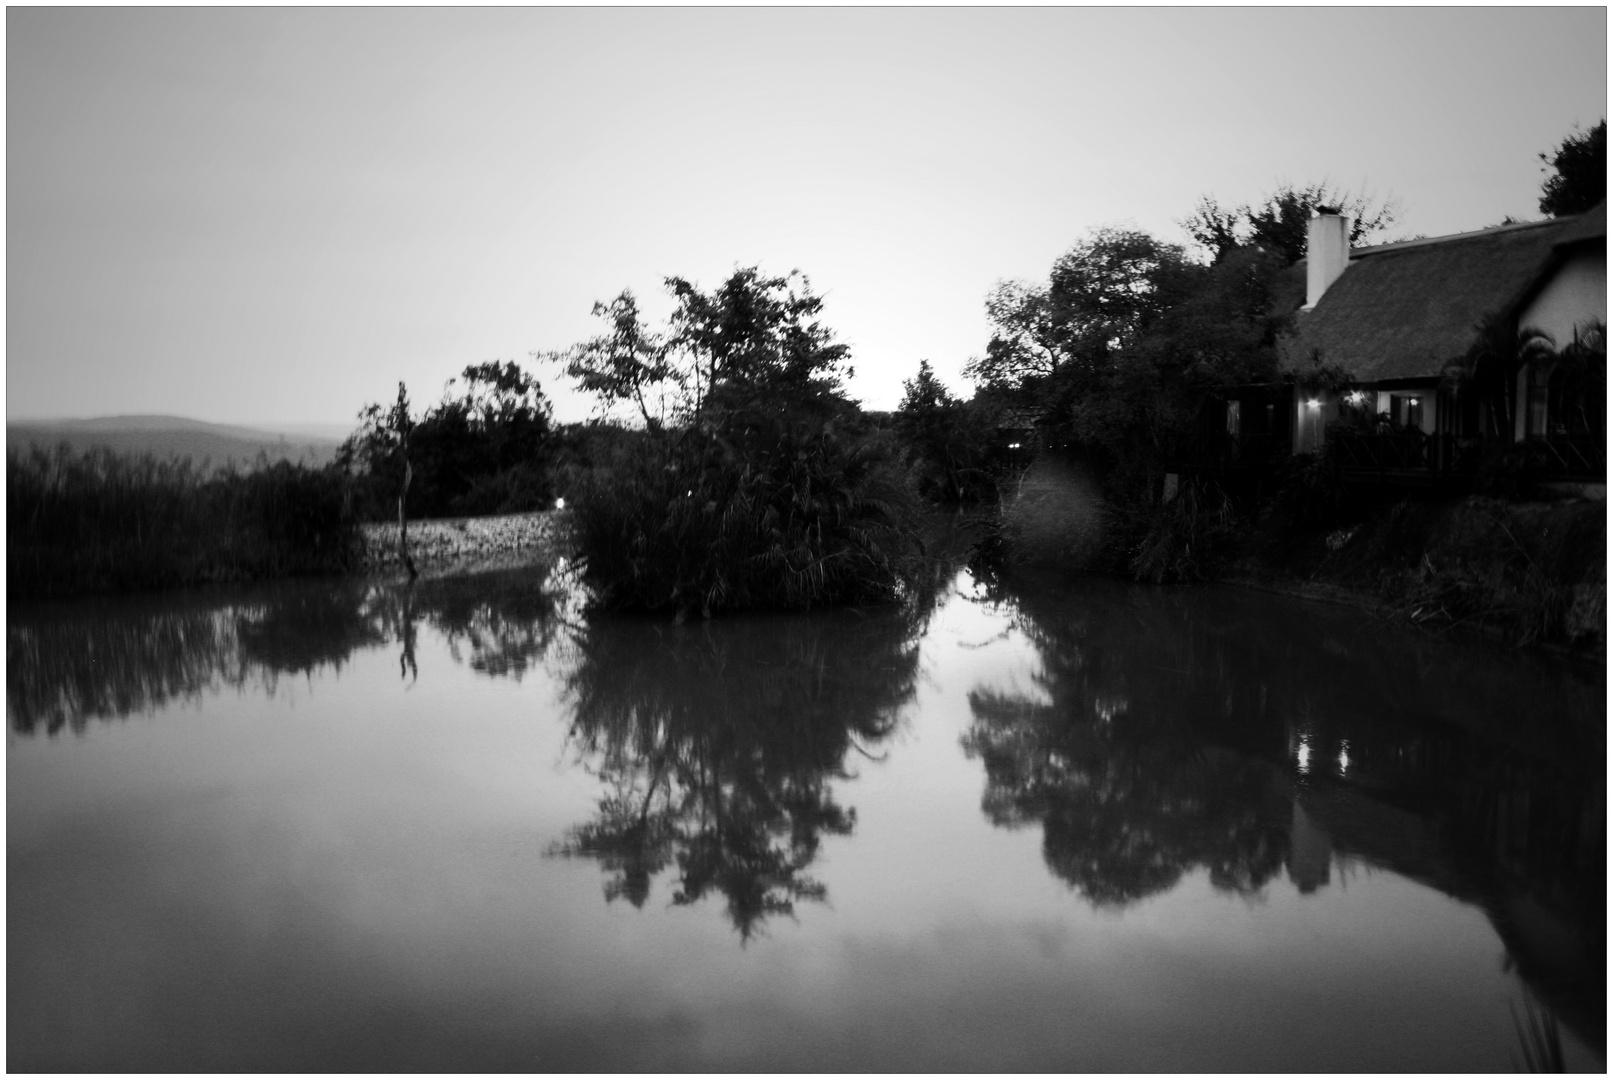 île de mystère